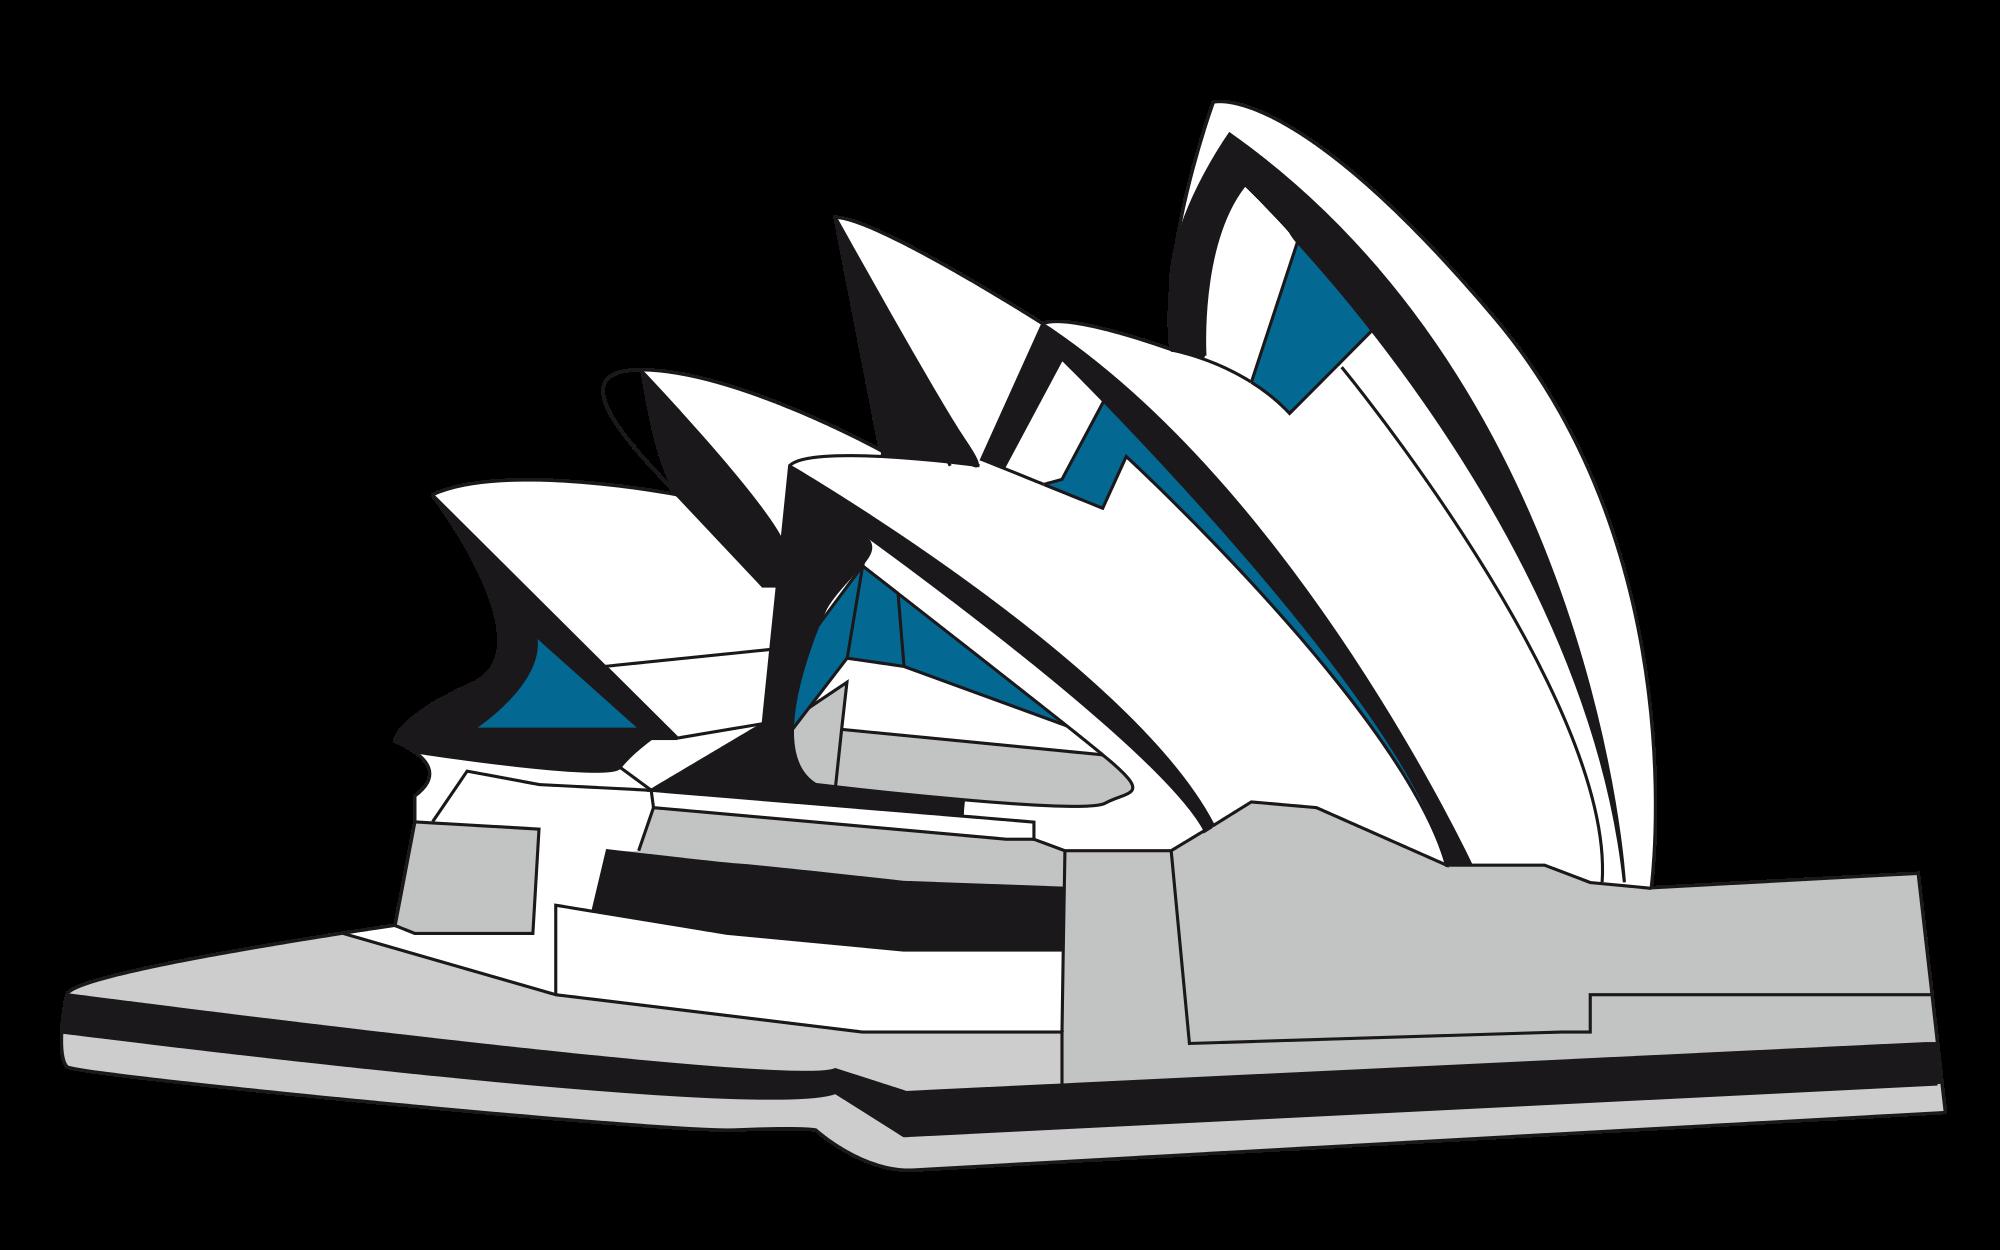 2000x1250 Sydney Opera House Clipart Sydney Opera House Vector